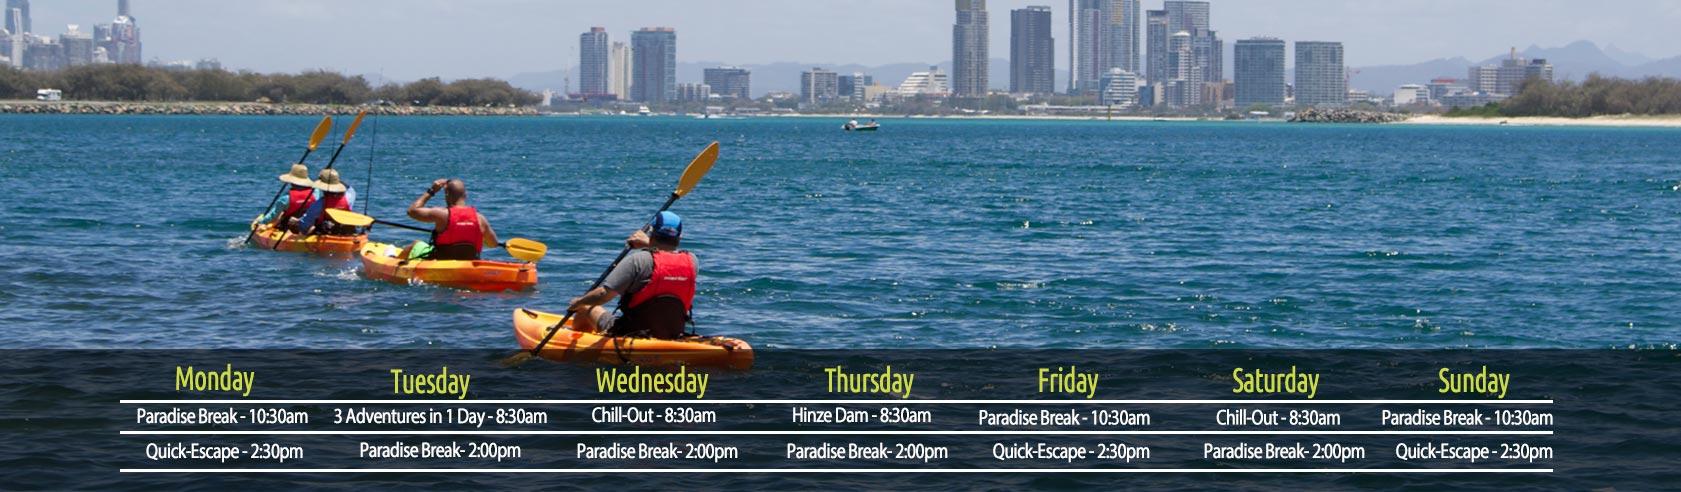 Seaway Time Schedule 2016